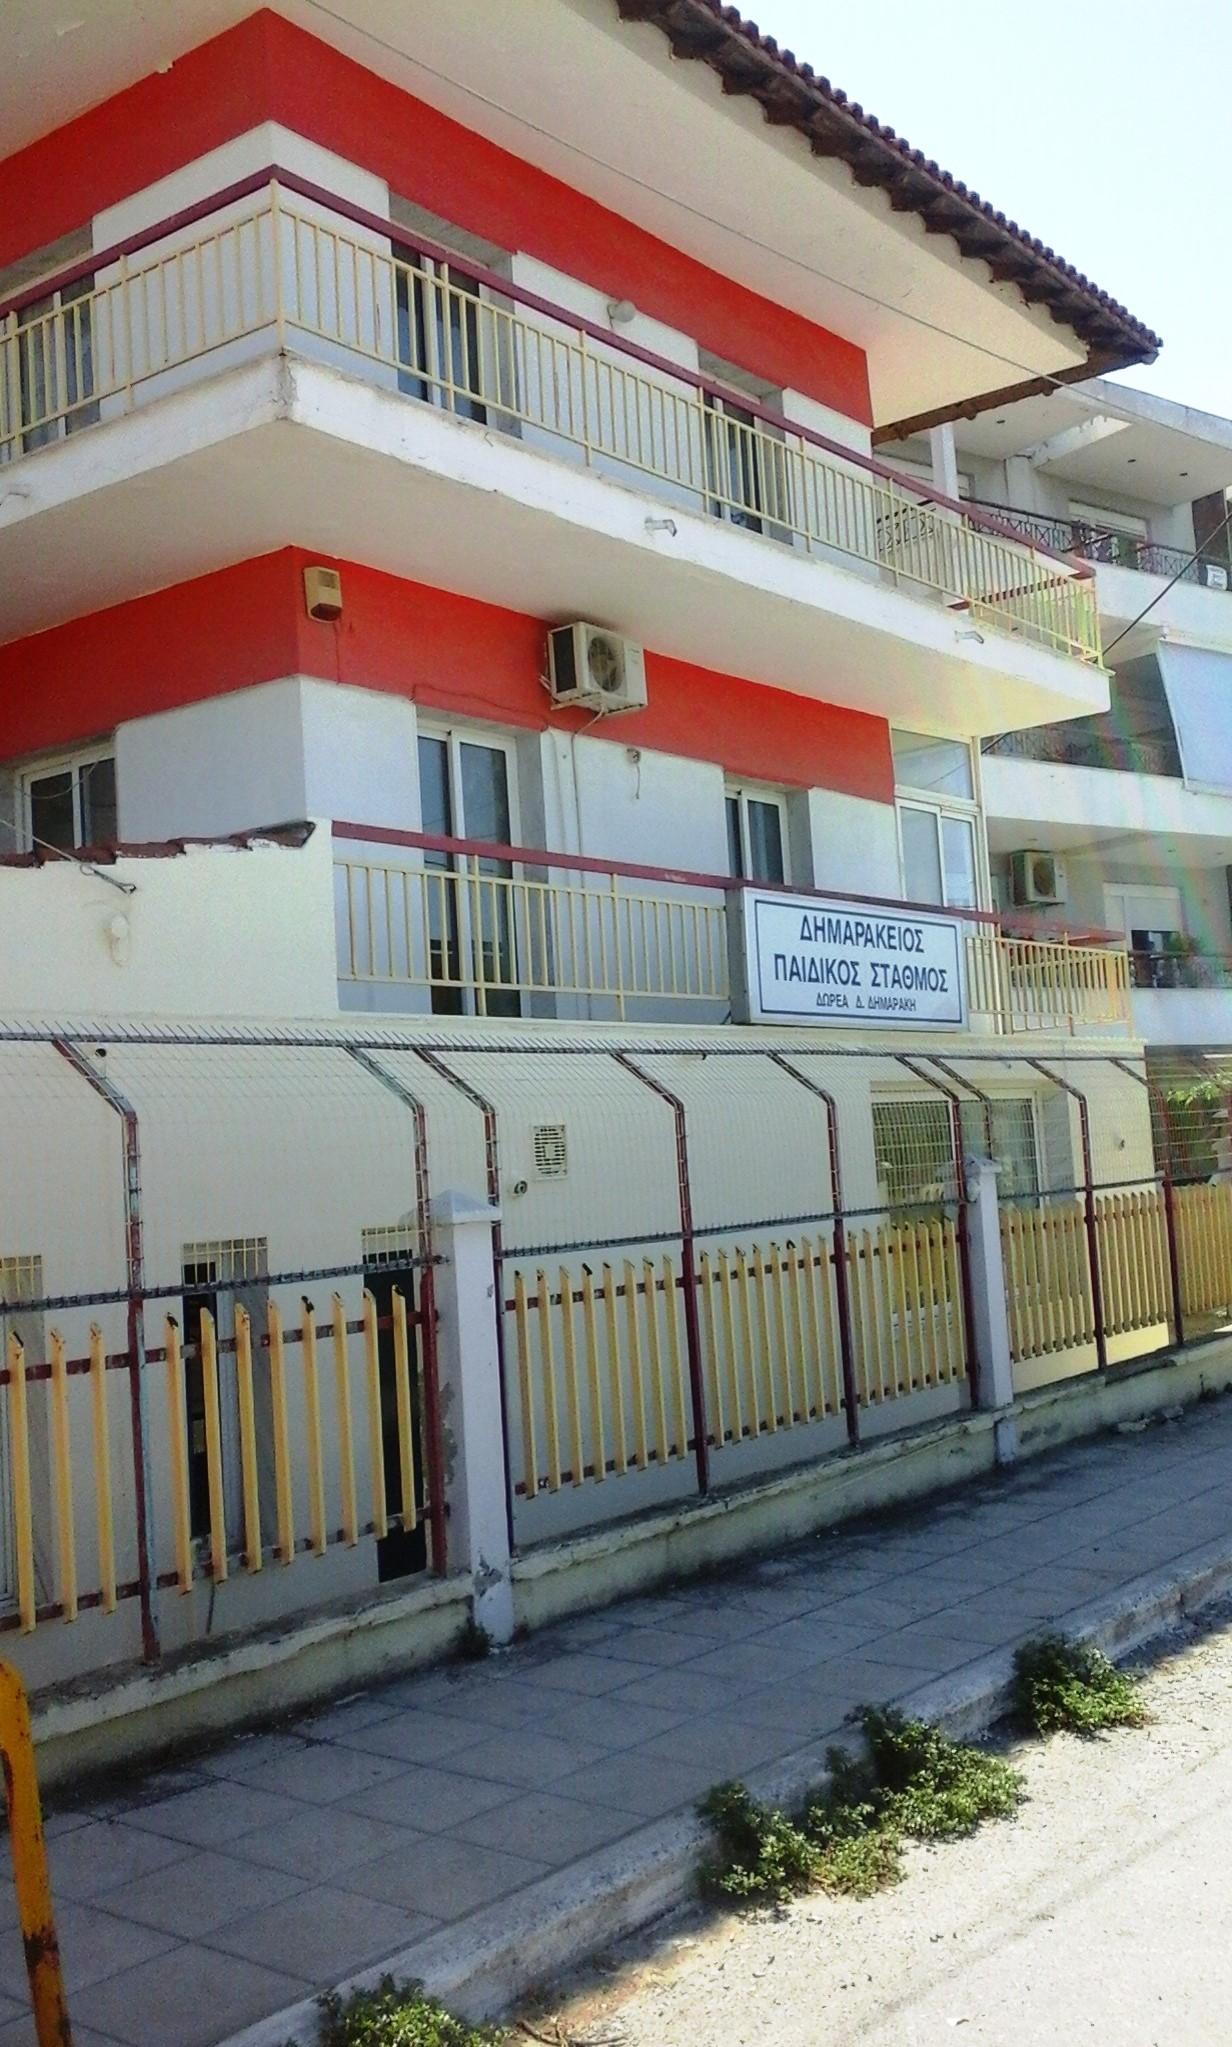 Ξεκίνησαν οι αιτήσεις για τους παιδικούς σταθμούς του Δήμου Θερμαϊκού